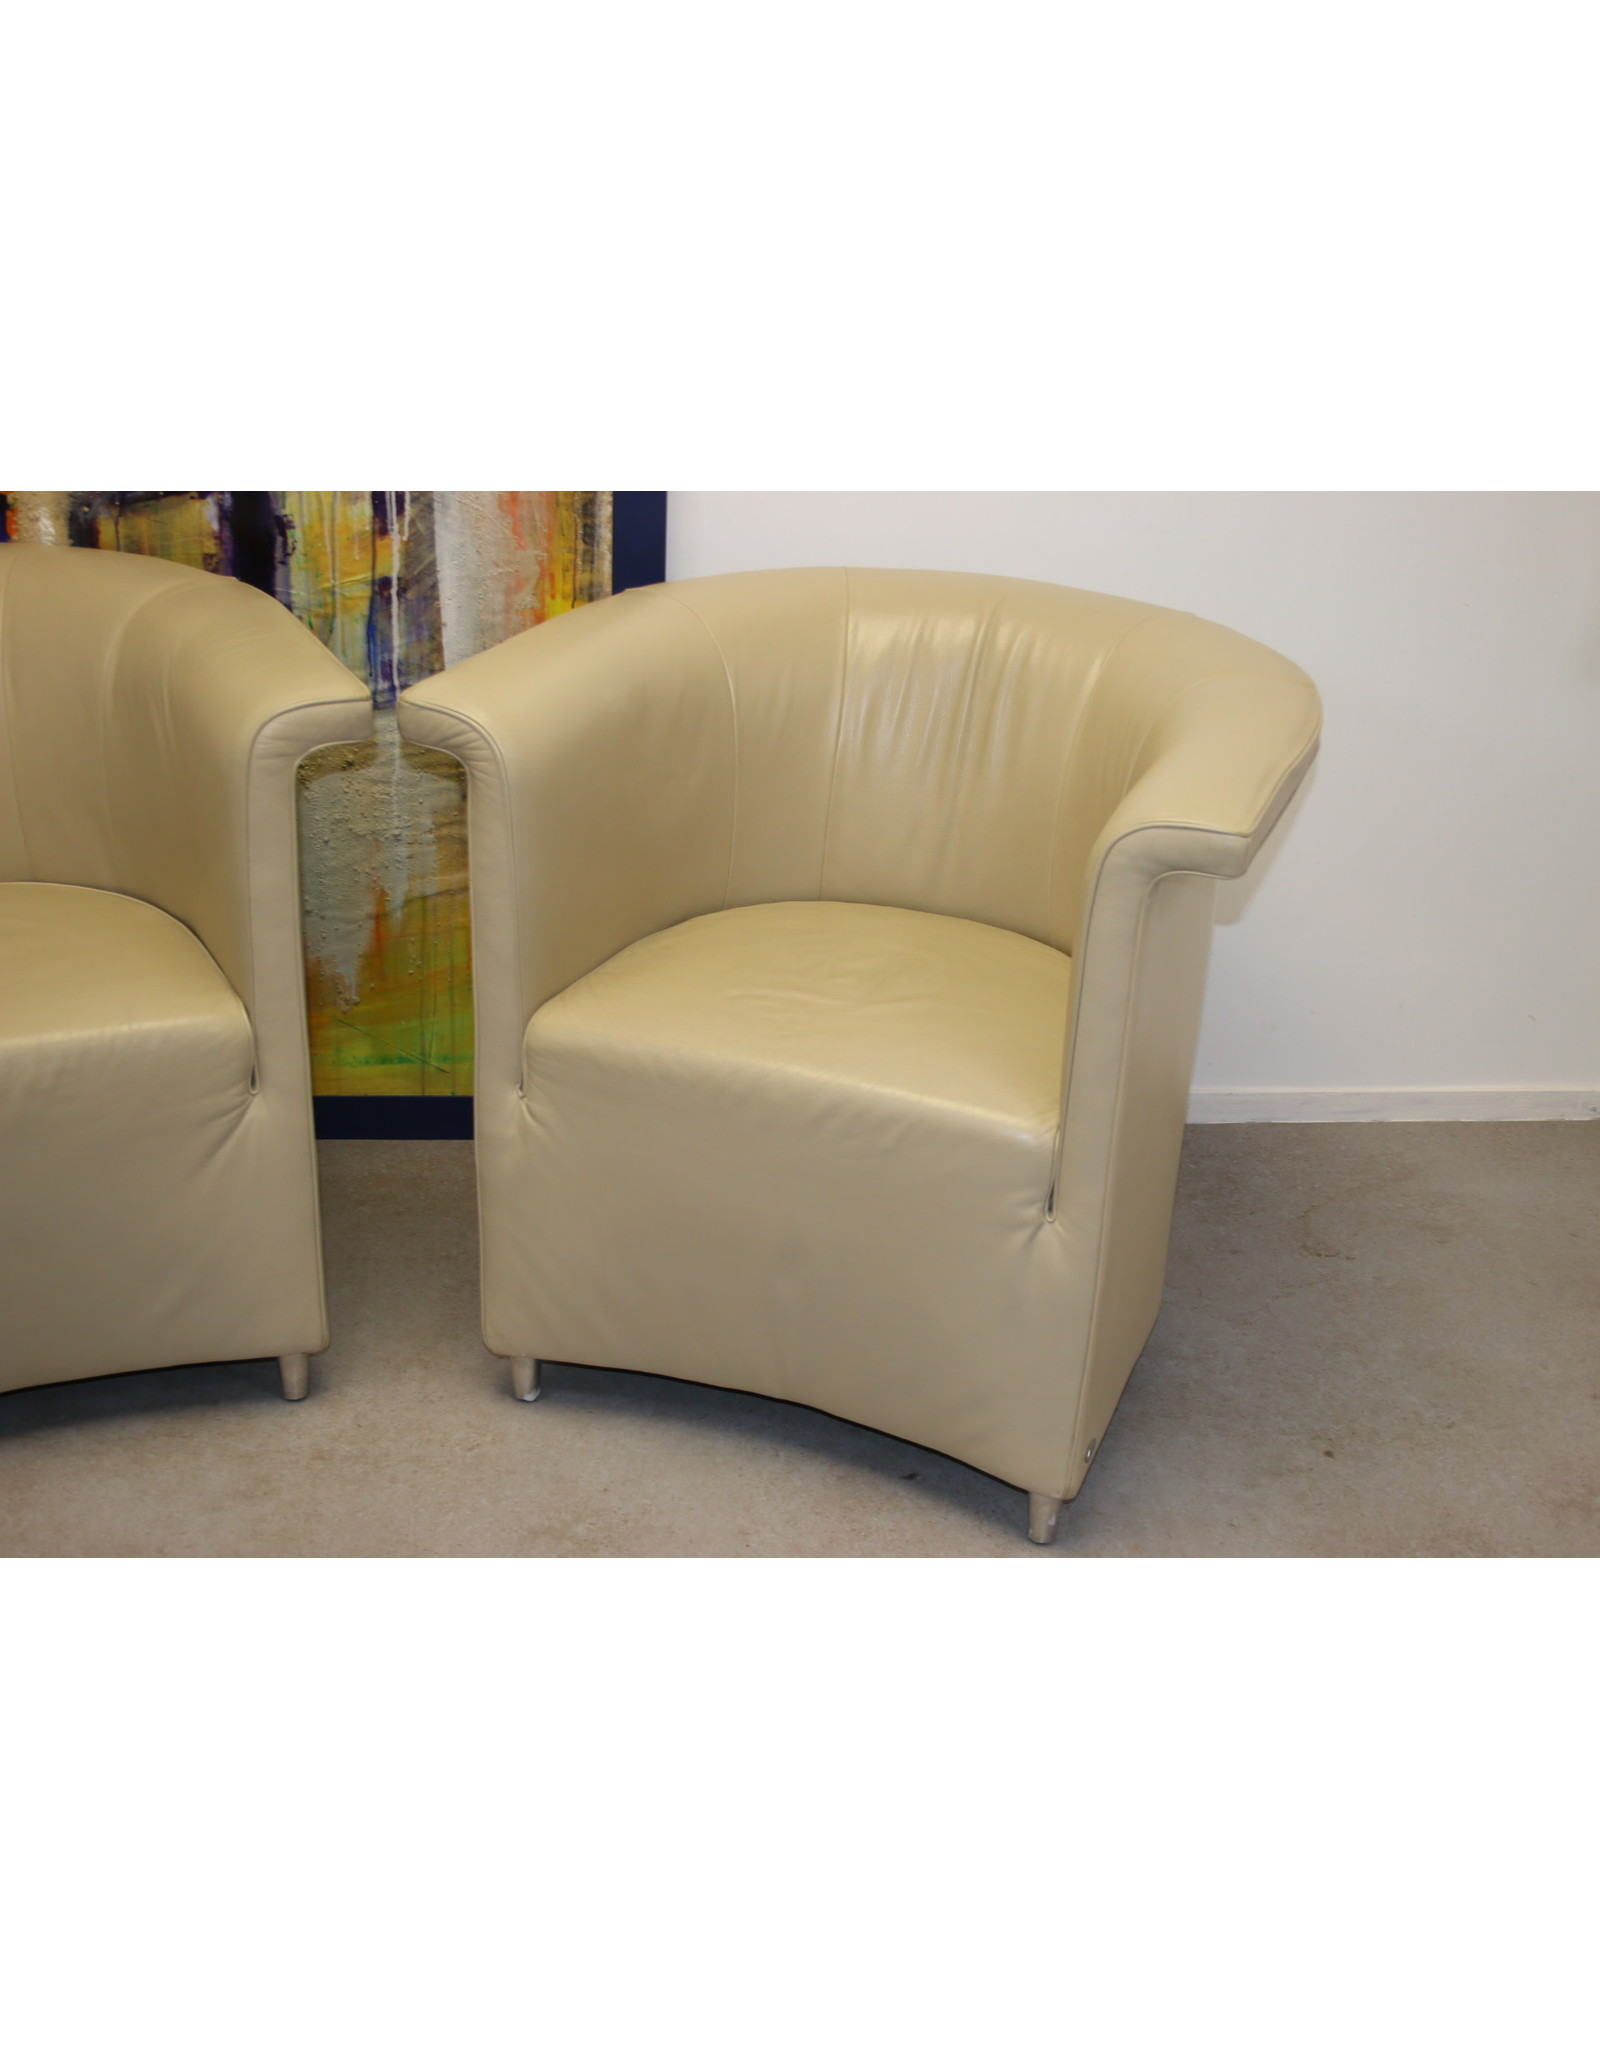 De Sede Ds 725 lederen fauteuilset Beige éénzits stoel echt leer